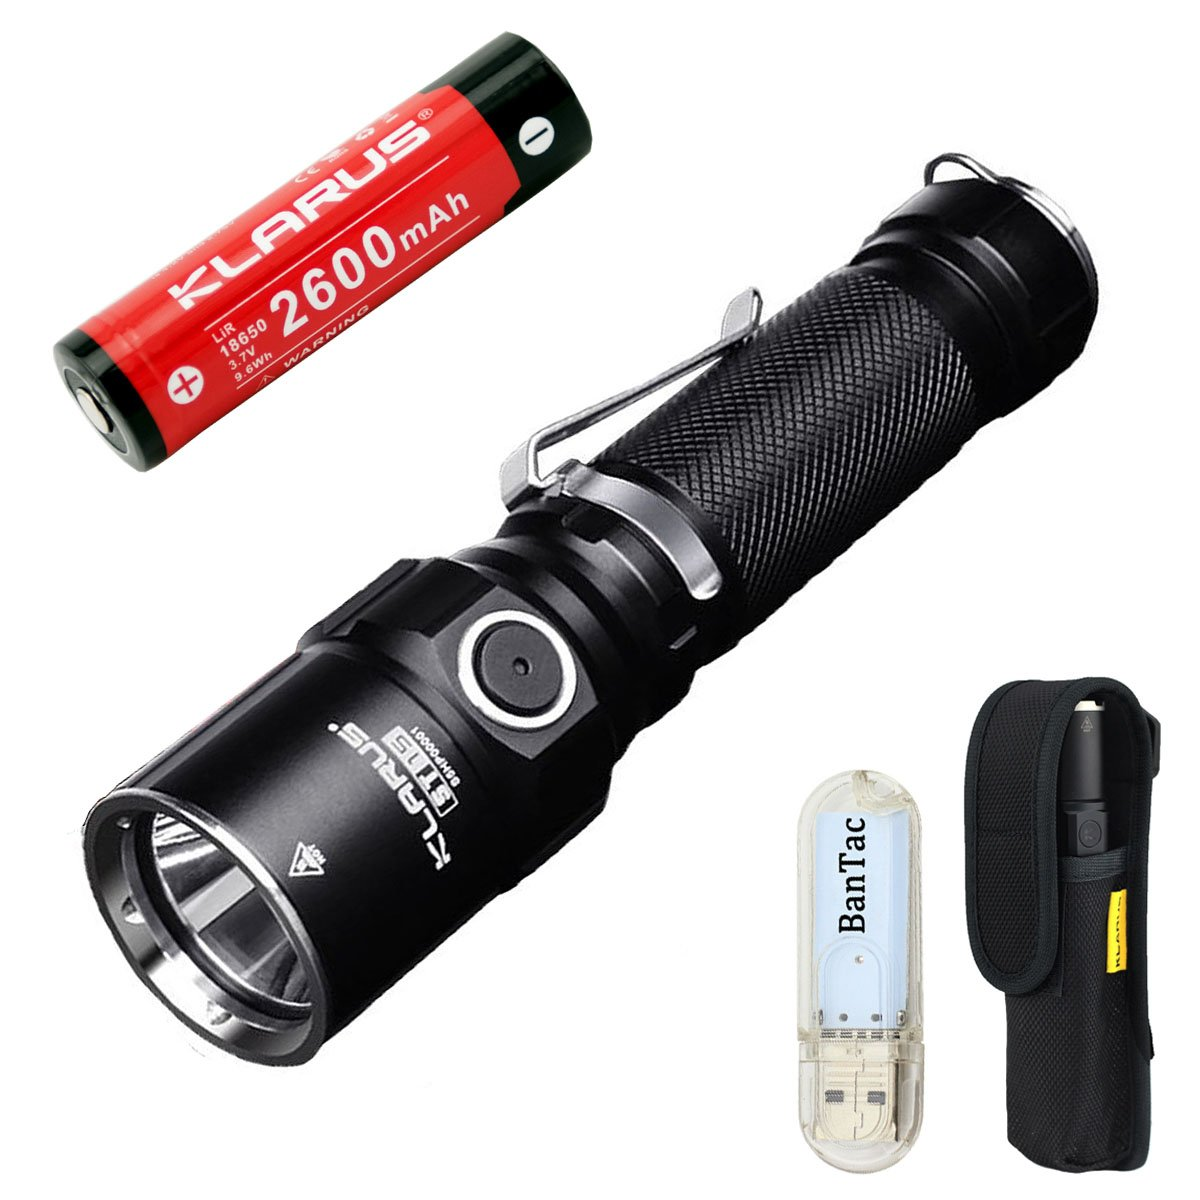 Bundle: Klarus ST15LED Cree XP-L Hi V31100lumens watereproof Lampe torche avec batterie rechargeable 18650et thenines USB Lumière